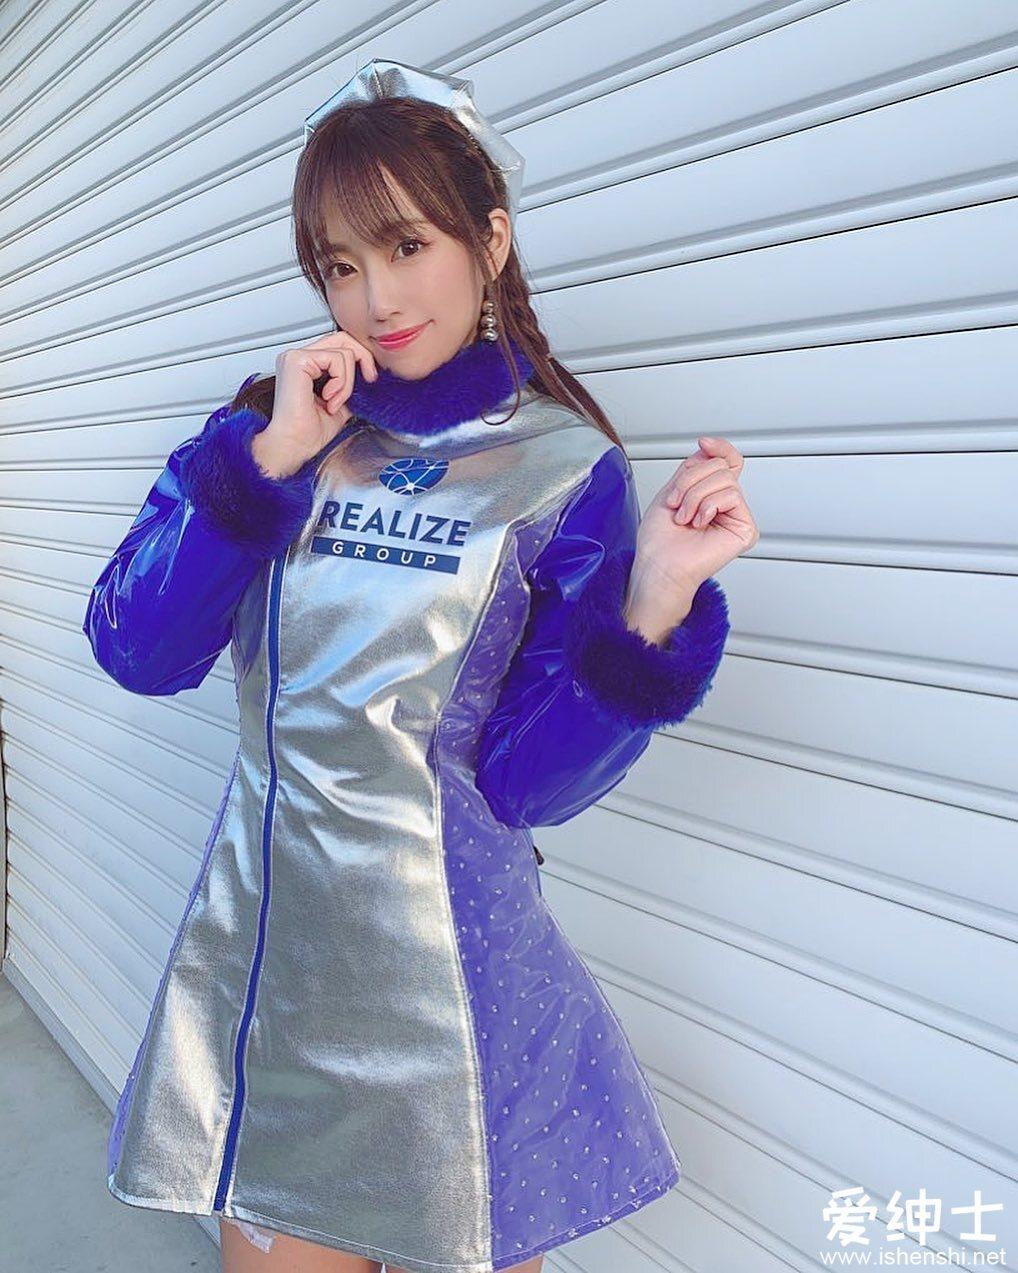 日本赛车皇后「雾岛圣子」赛车场上最亮丽的风景!极品身材进军写真界!